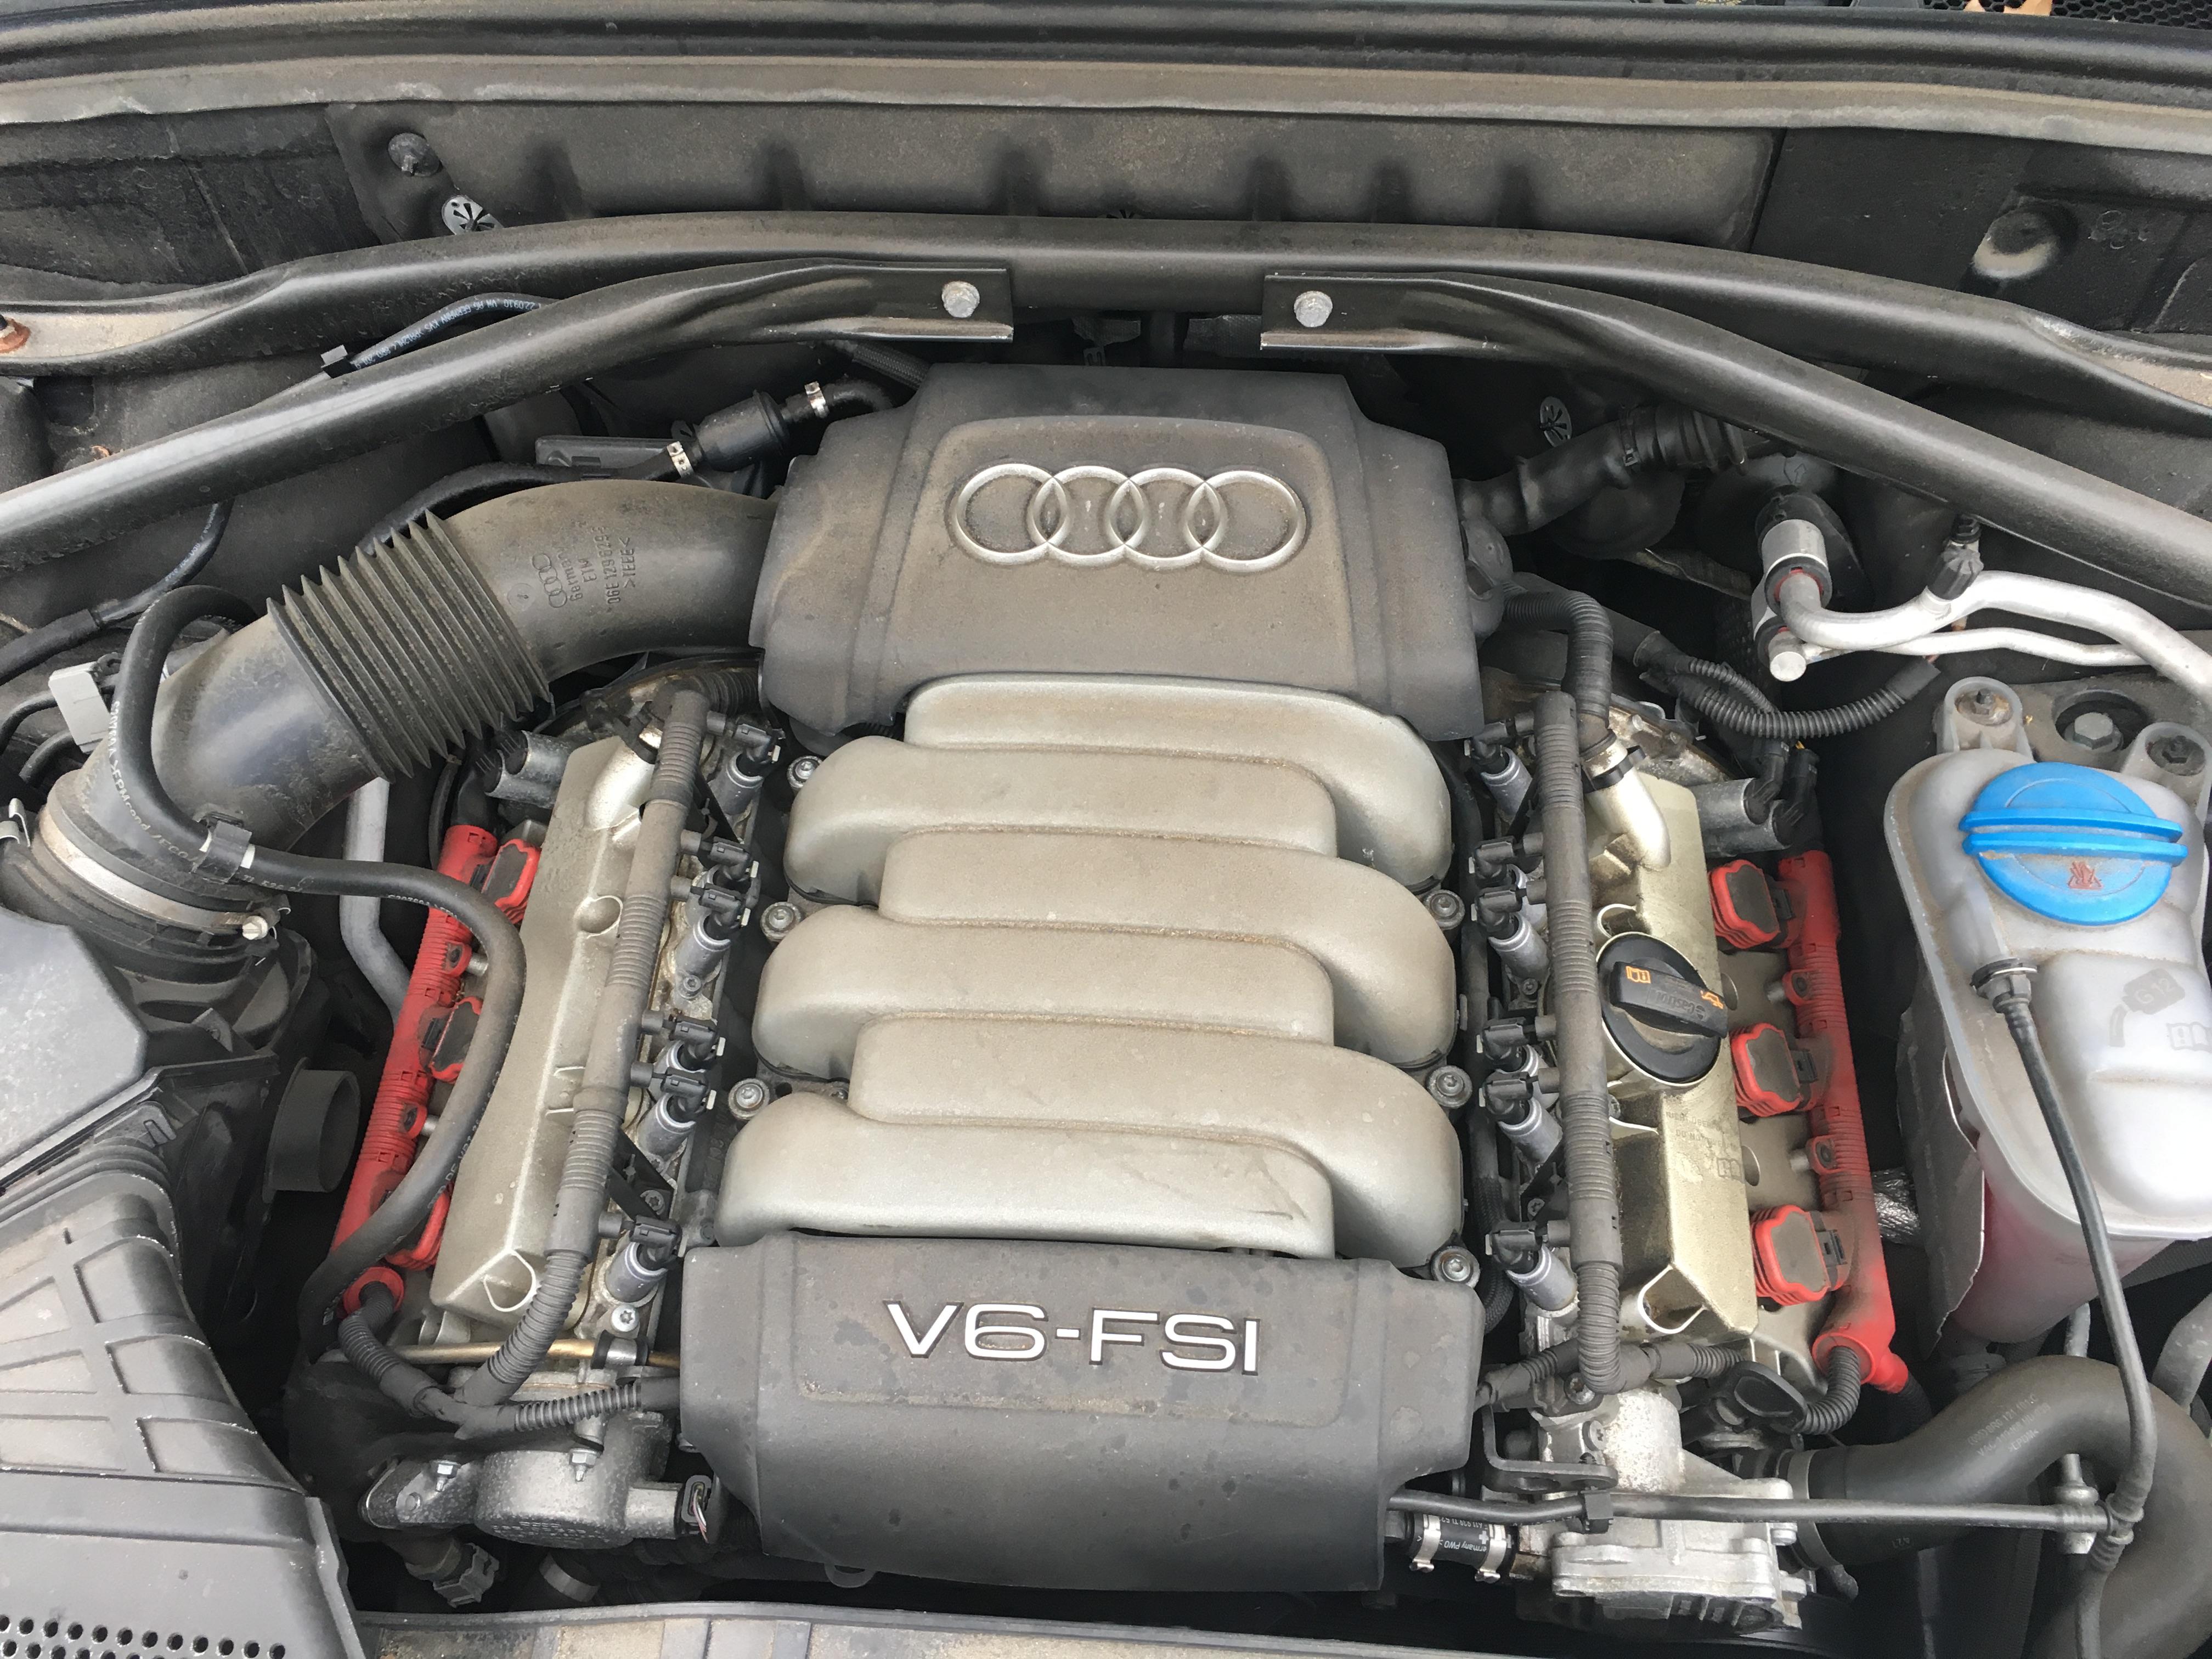 Secondary Air Pump For Audi A4 S4 S5 S6 A5 A6 A7 Quattro Q5 SQ5 3.0T 3.2L 4.2L